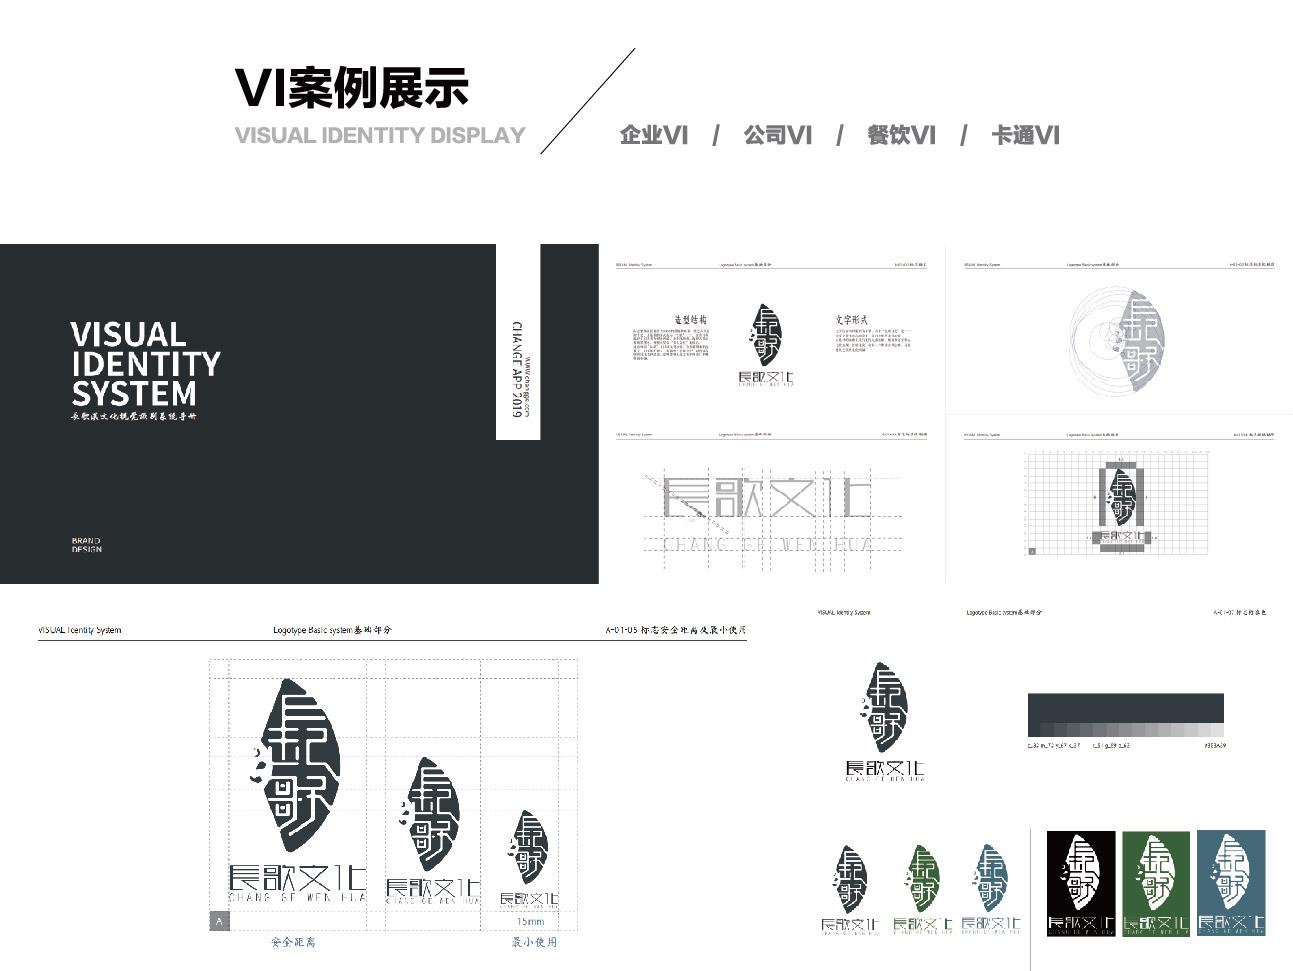 长歌文化视觉识别系统设计